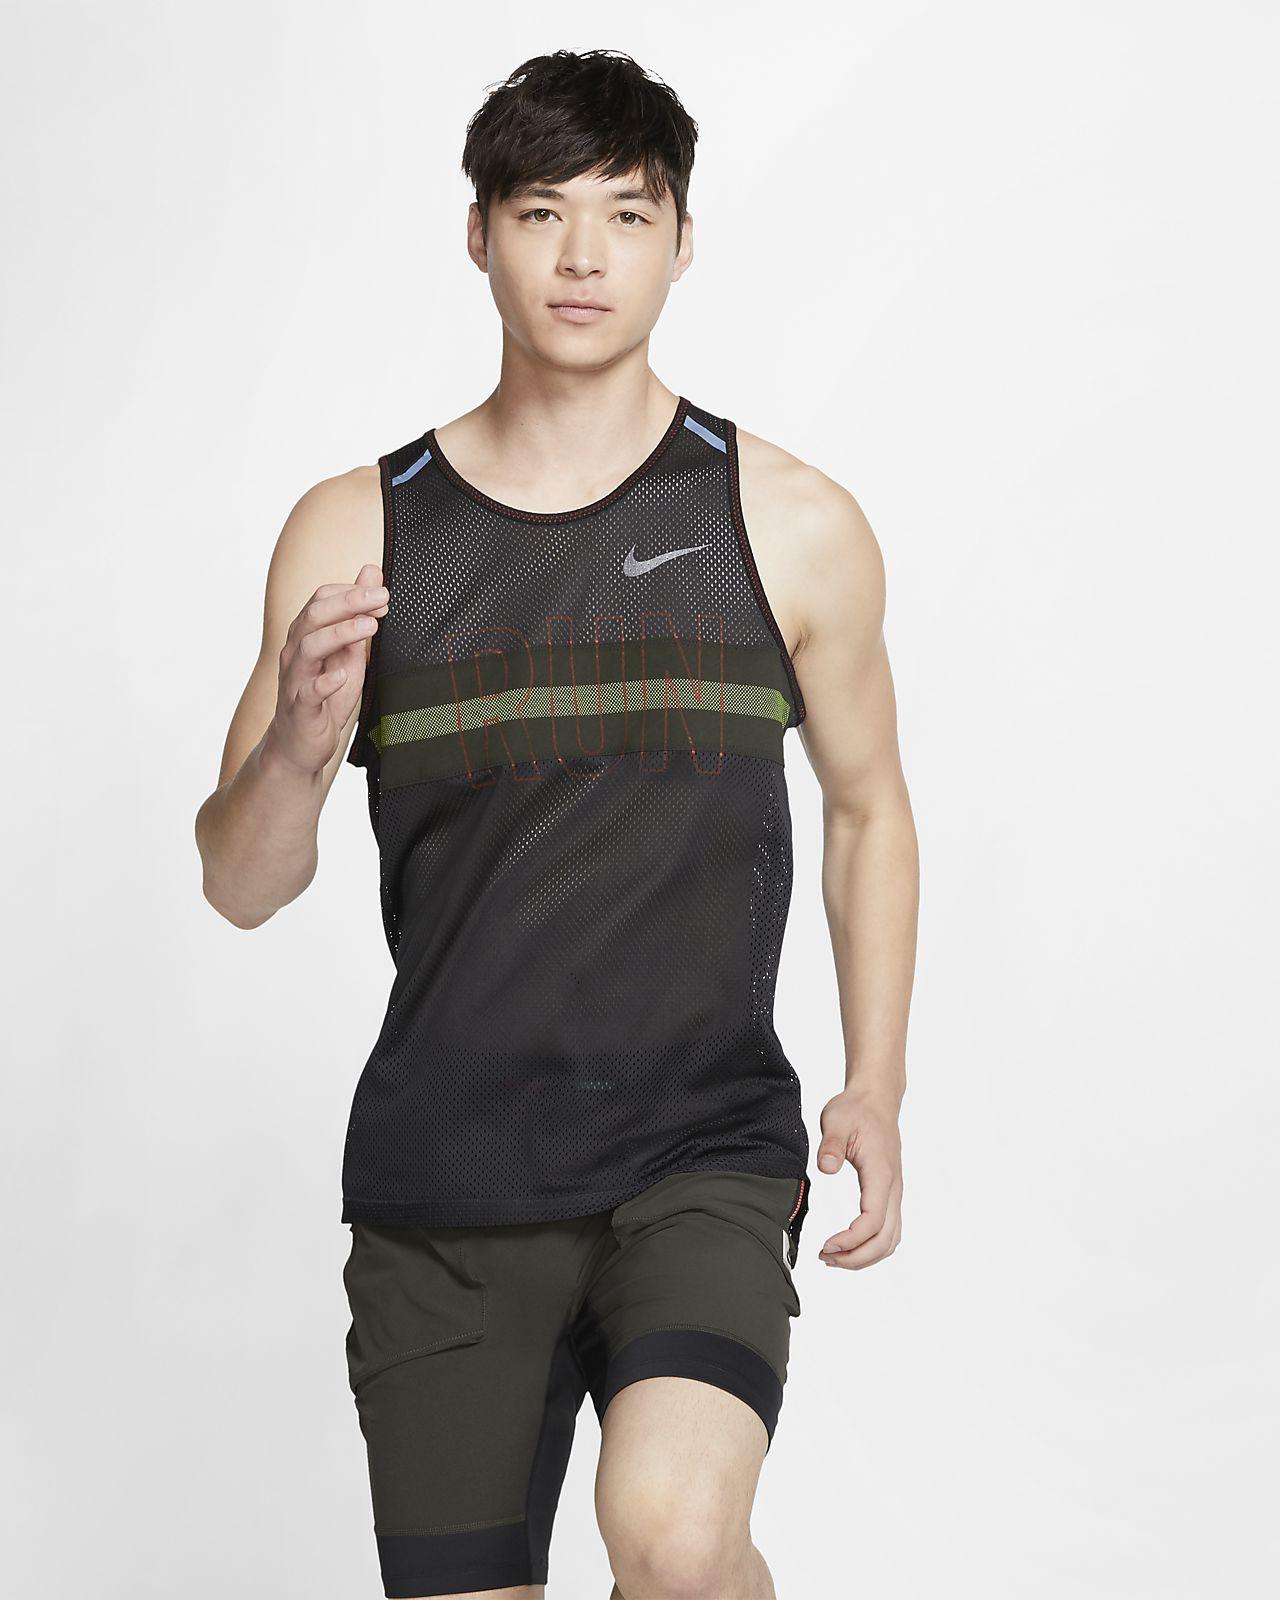 Nike Wild Run Men's Mesh Running Tank